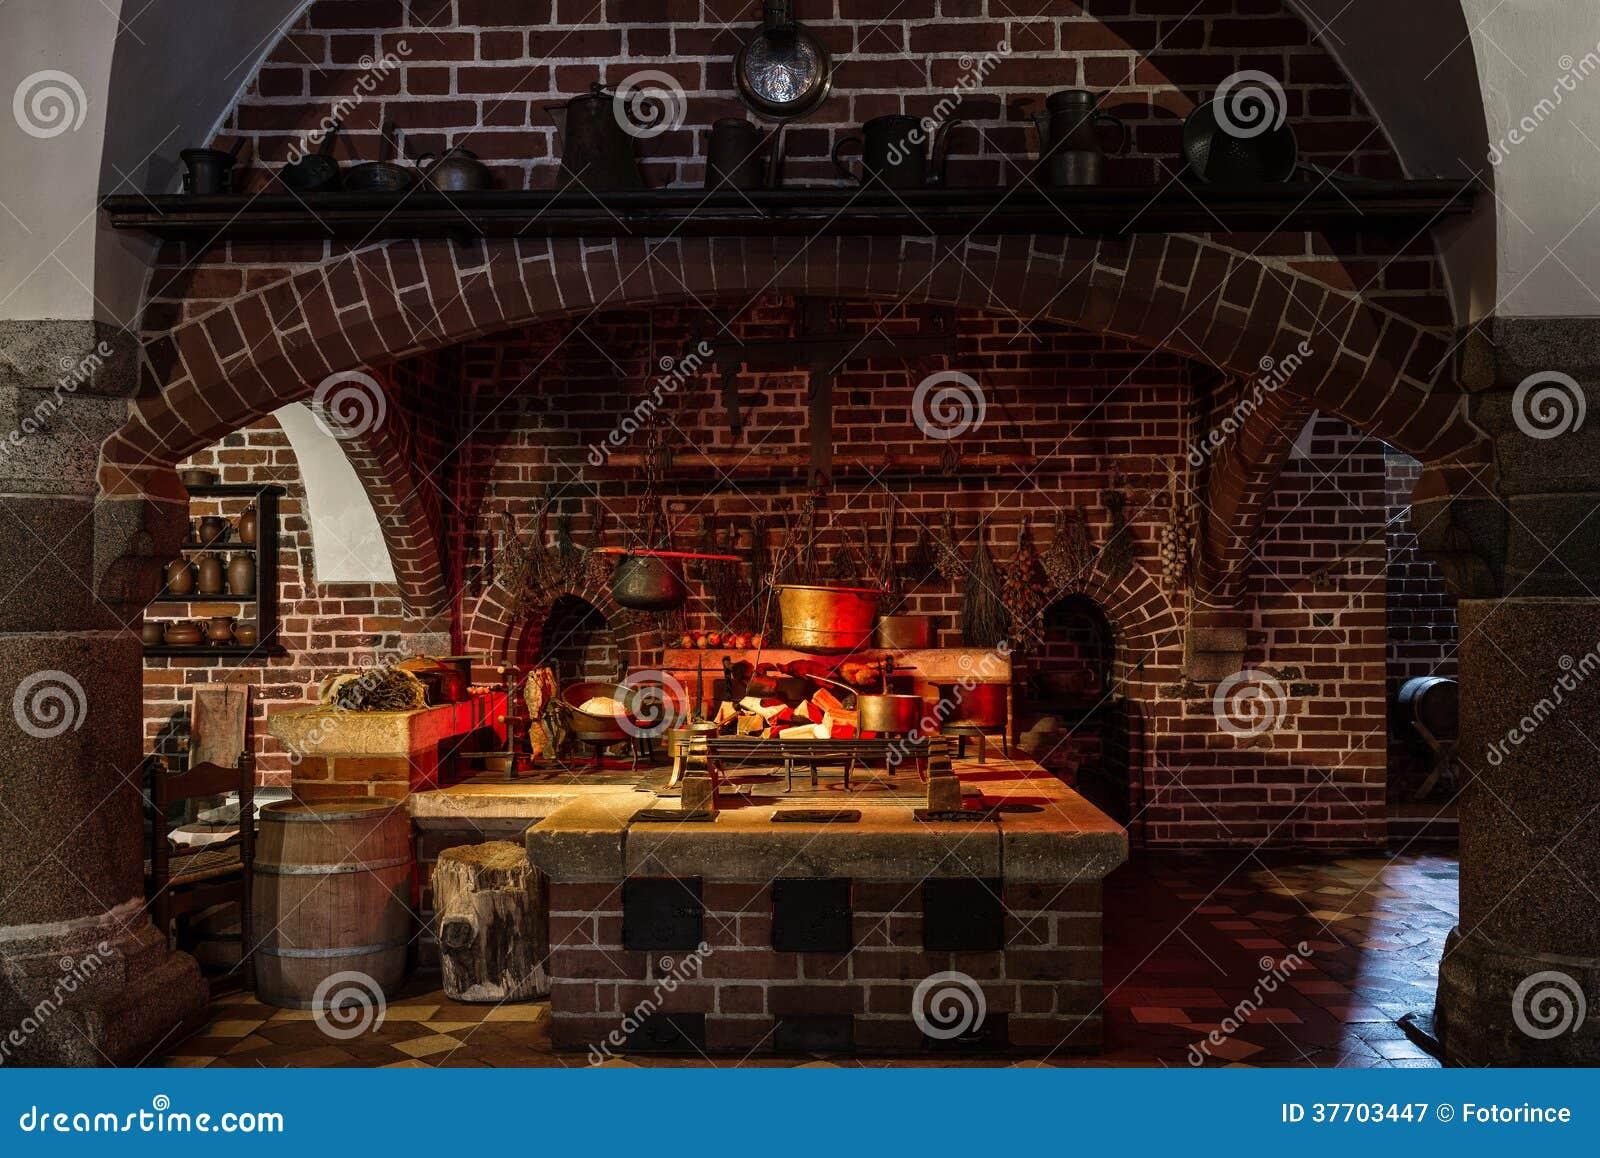 Eccezionale Cucina di vecchio stile immagine stock. Immagine di antique - 37703447 QA02